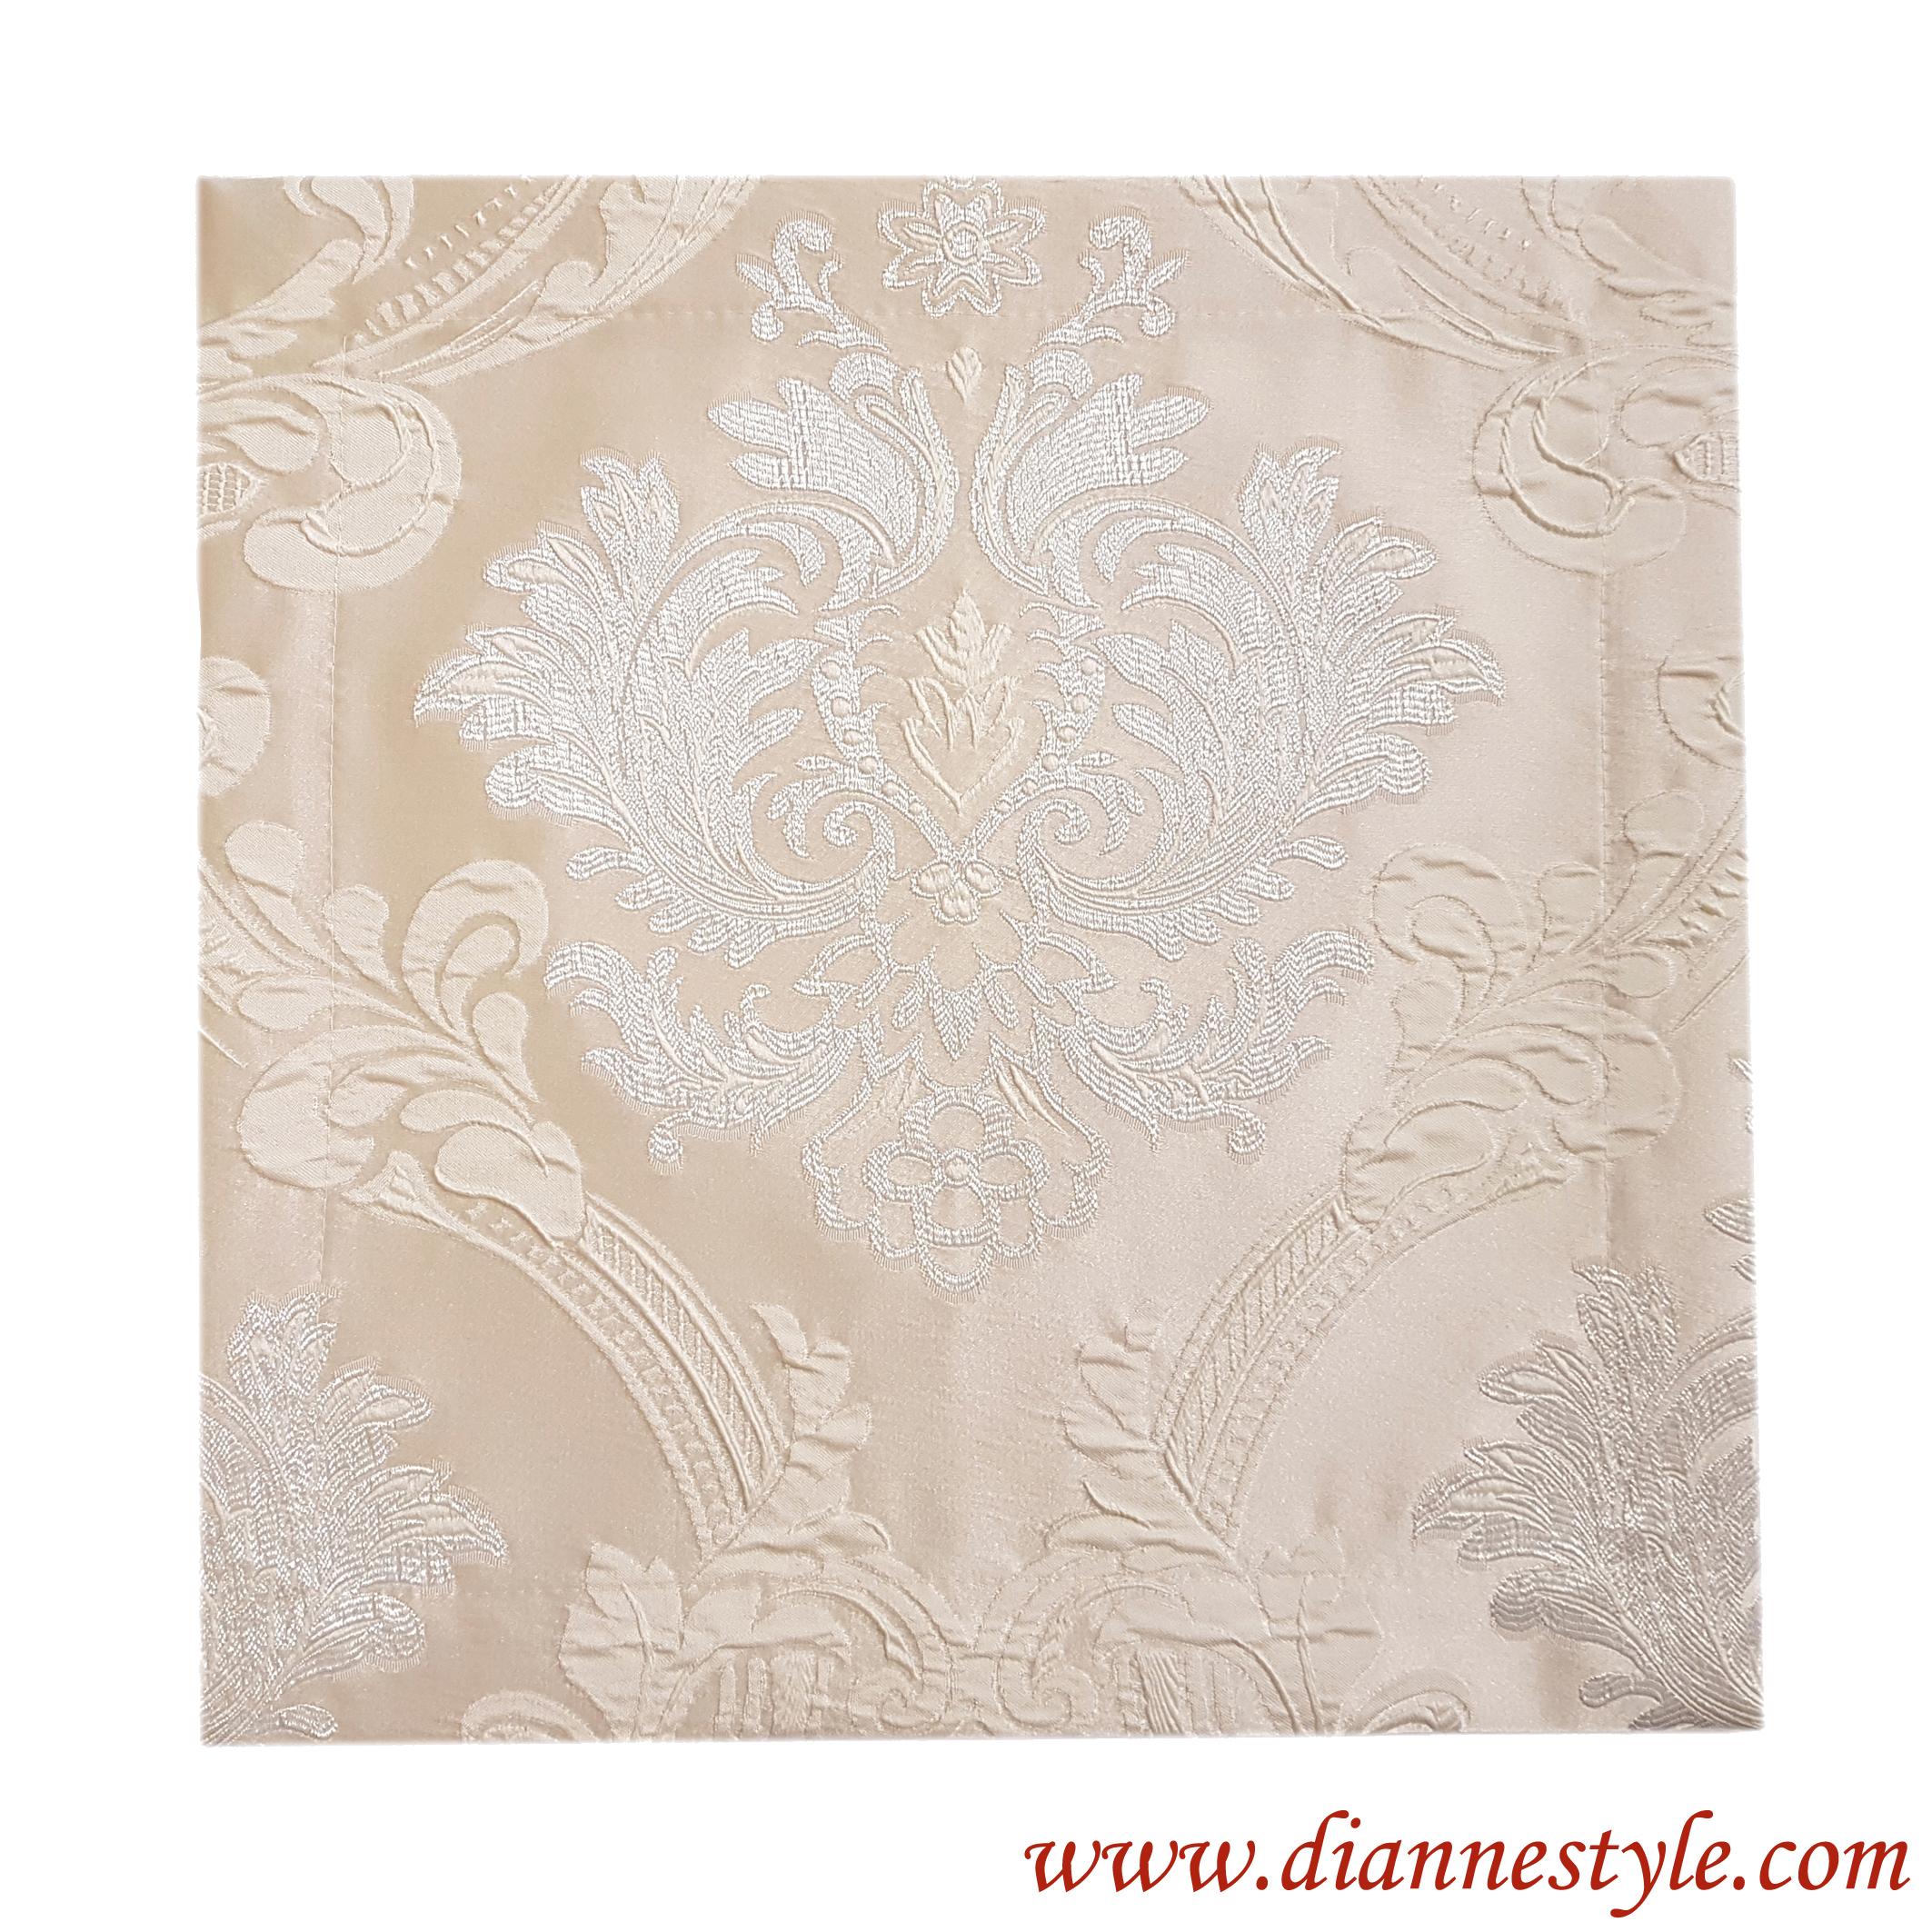 Serviette de table damassée beige Prestige 30x30 cm. Réf. 132